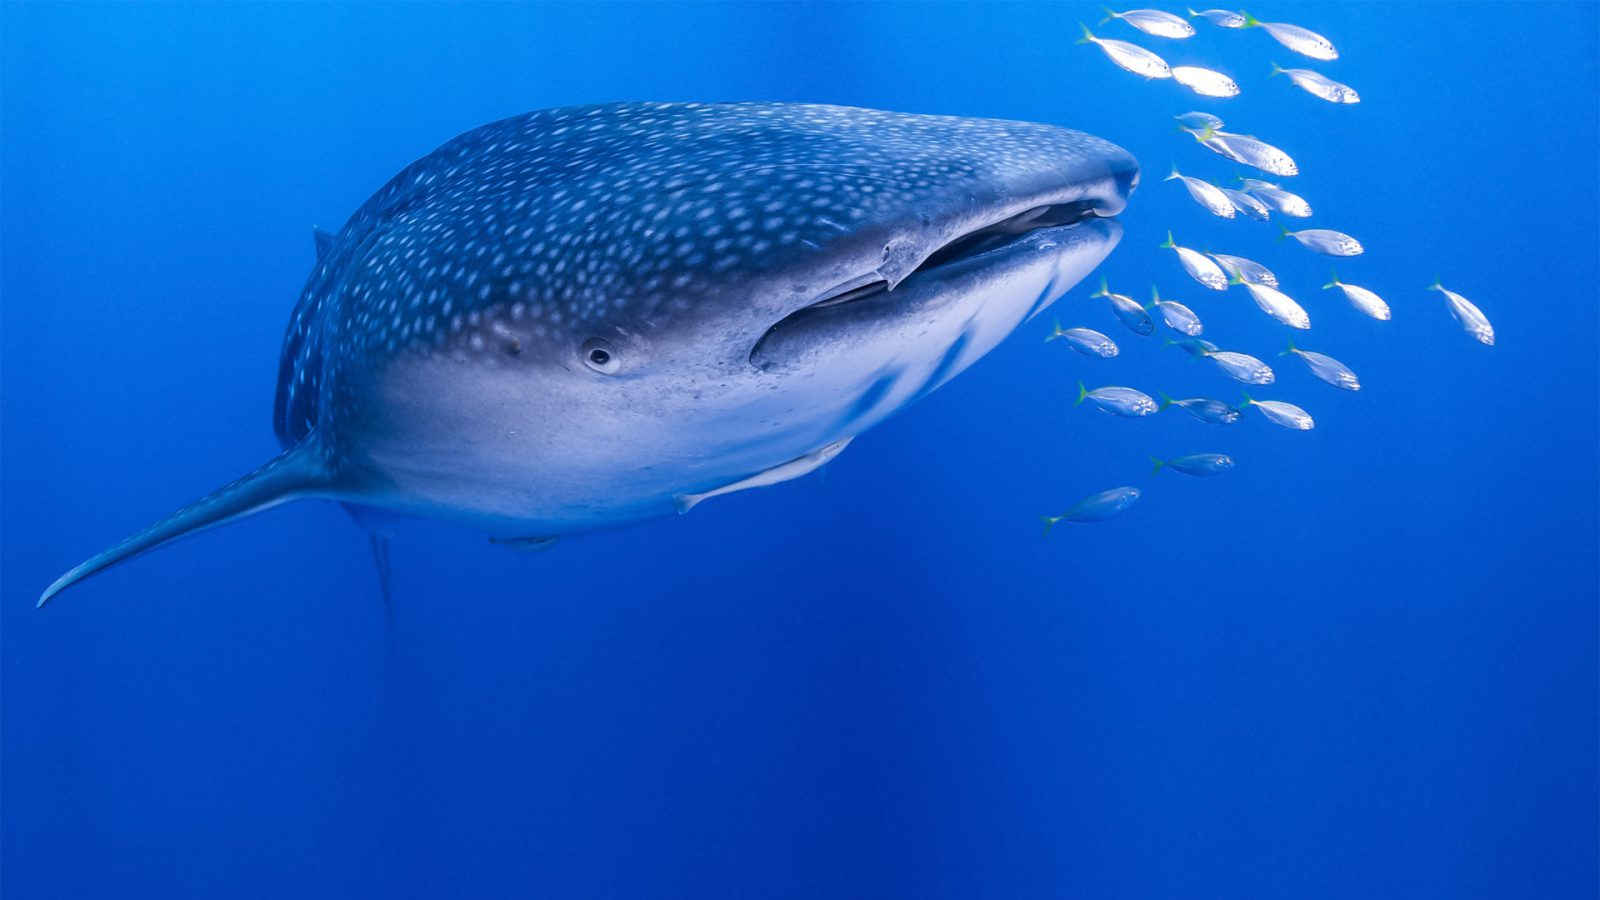 Club de Plongée Phuket Thaïlande - Croisières-Plongée - Requin baleine